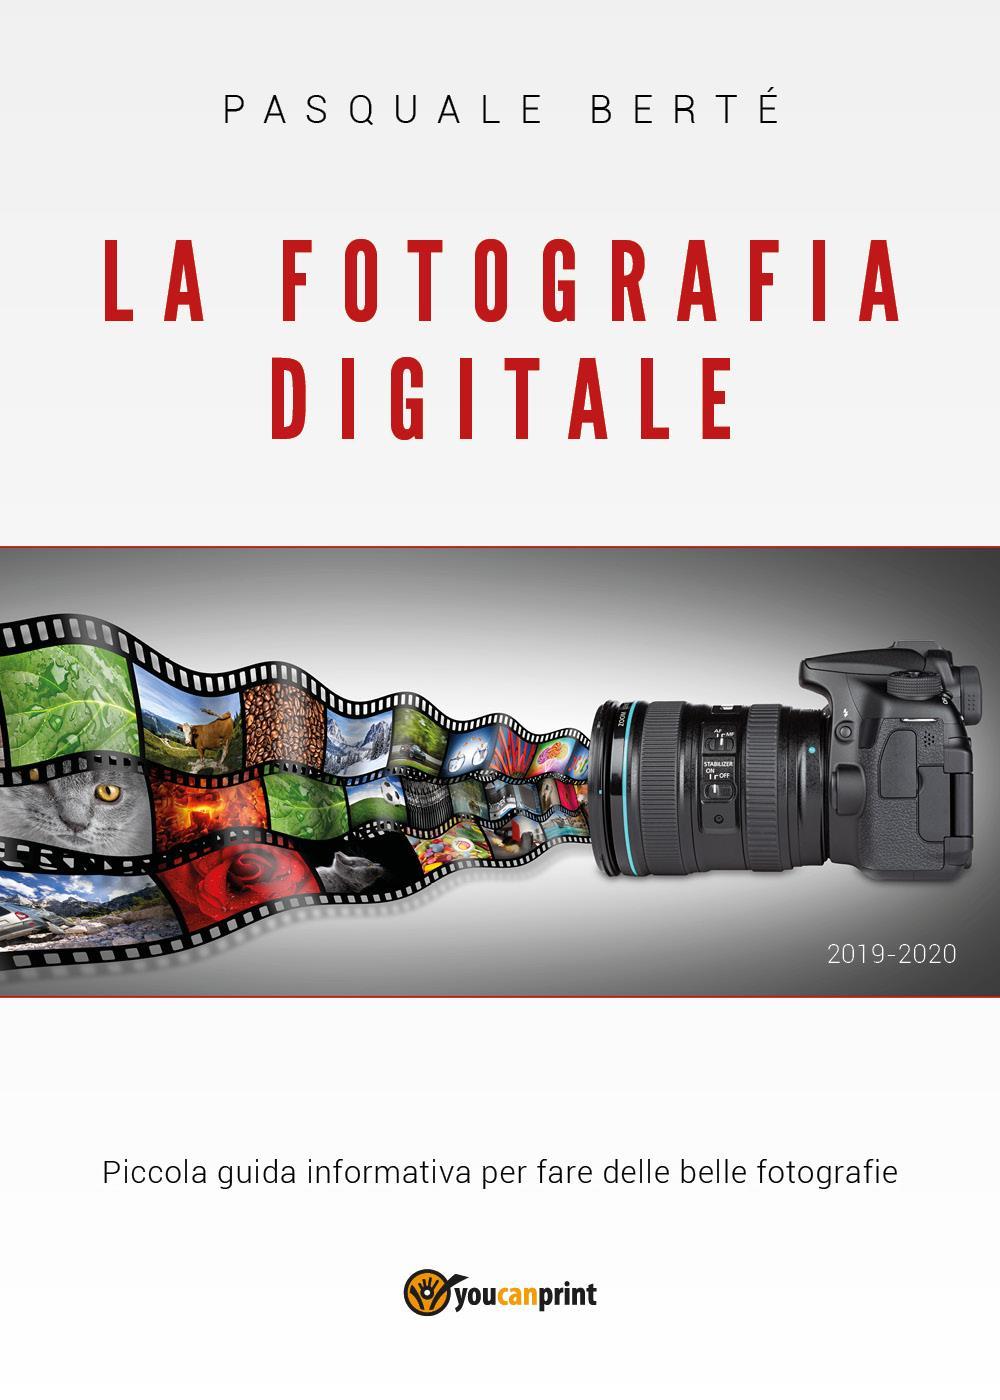 La fotografia digitale: piccola guida informativa 2019